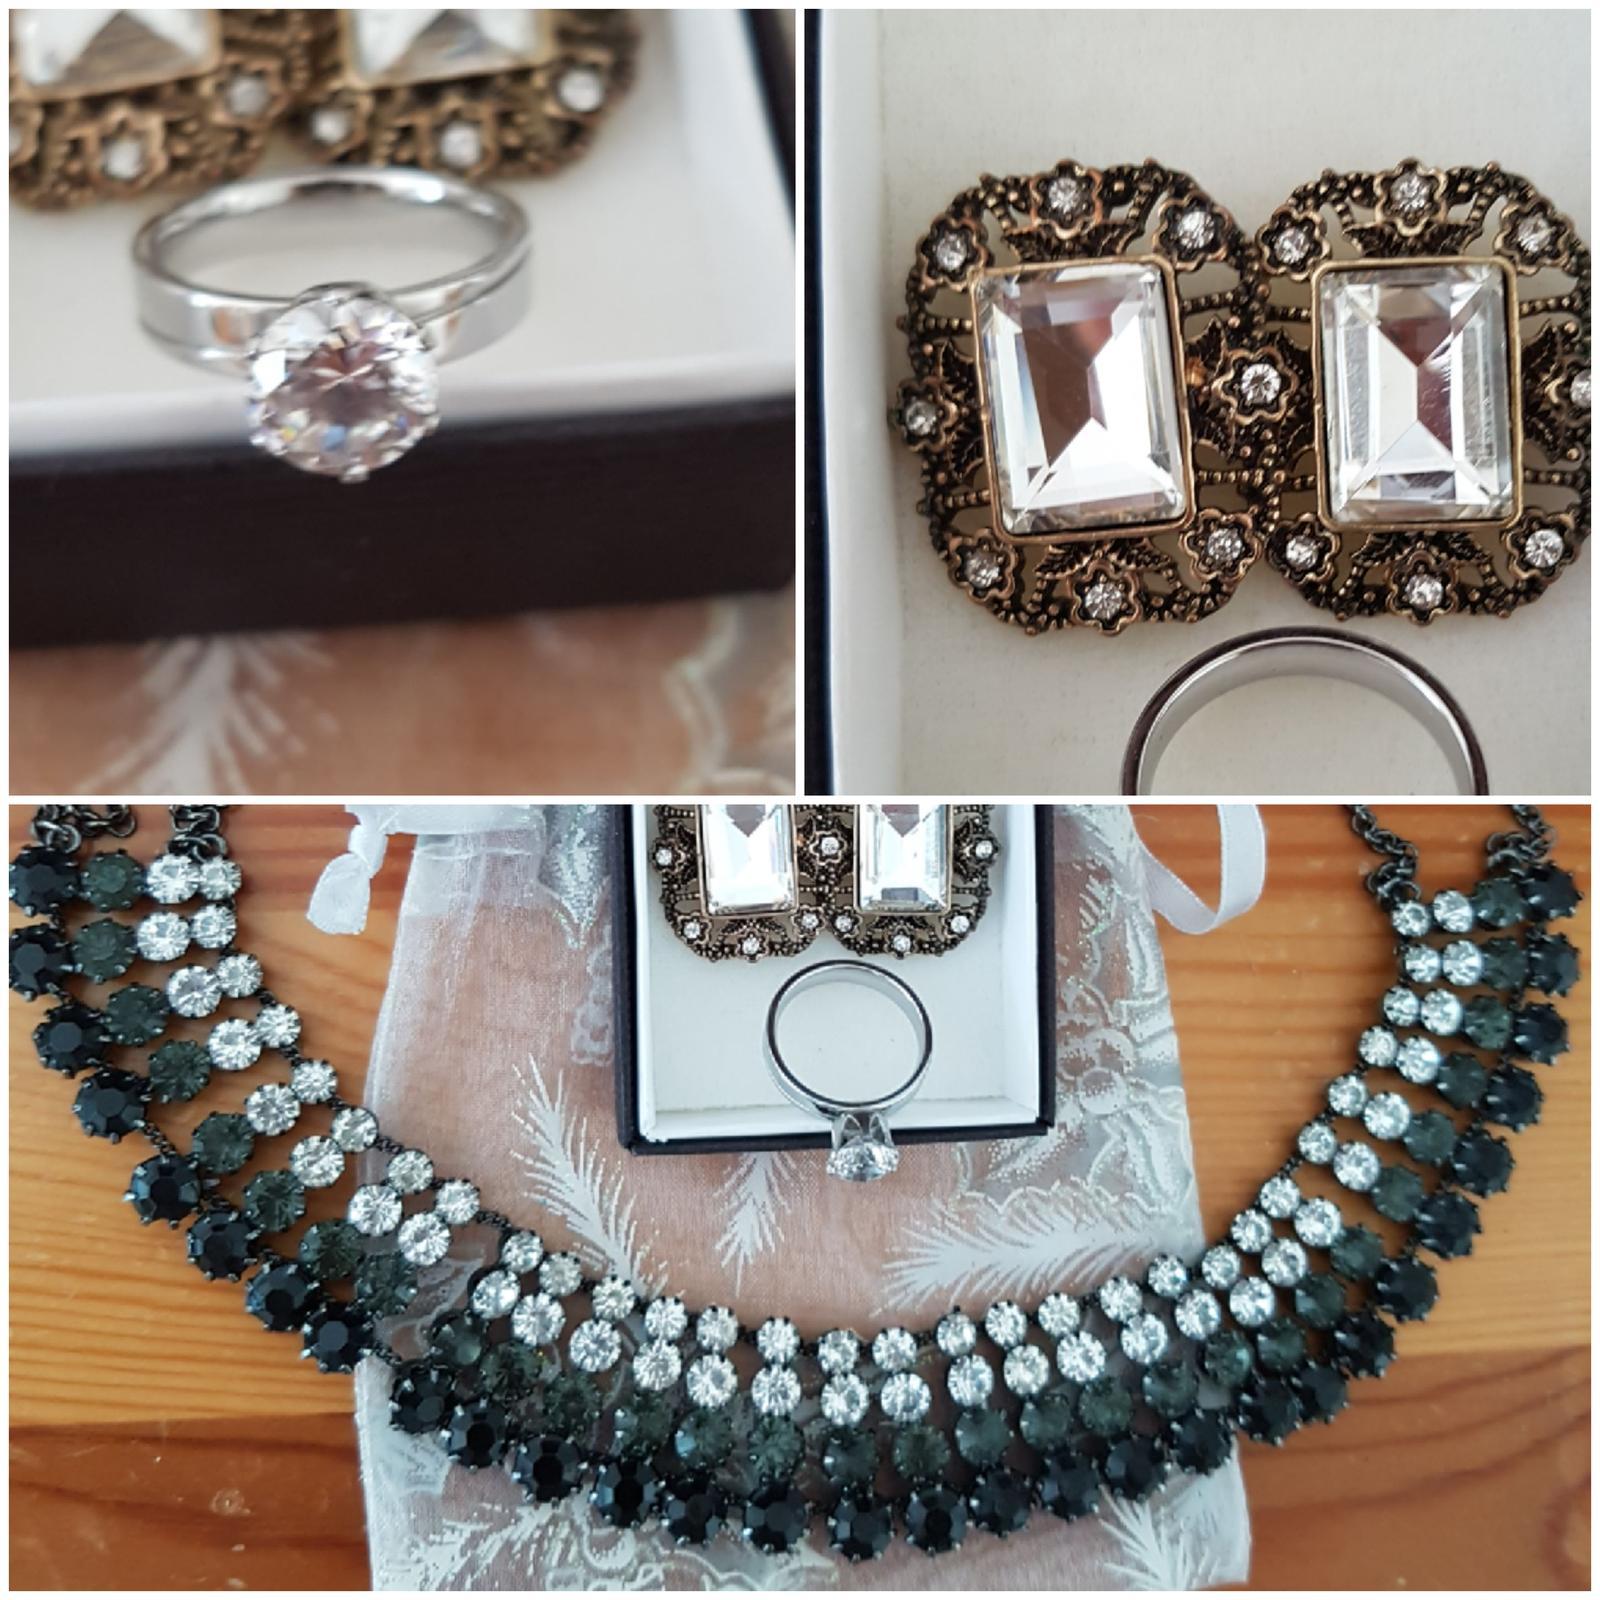 Šperky na svadbu - Obrázok č. 1